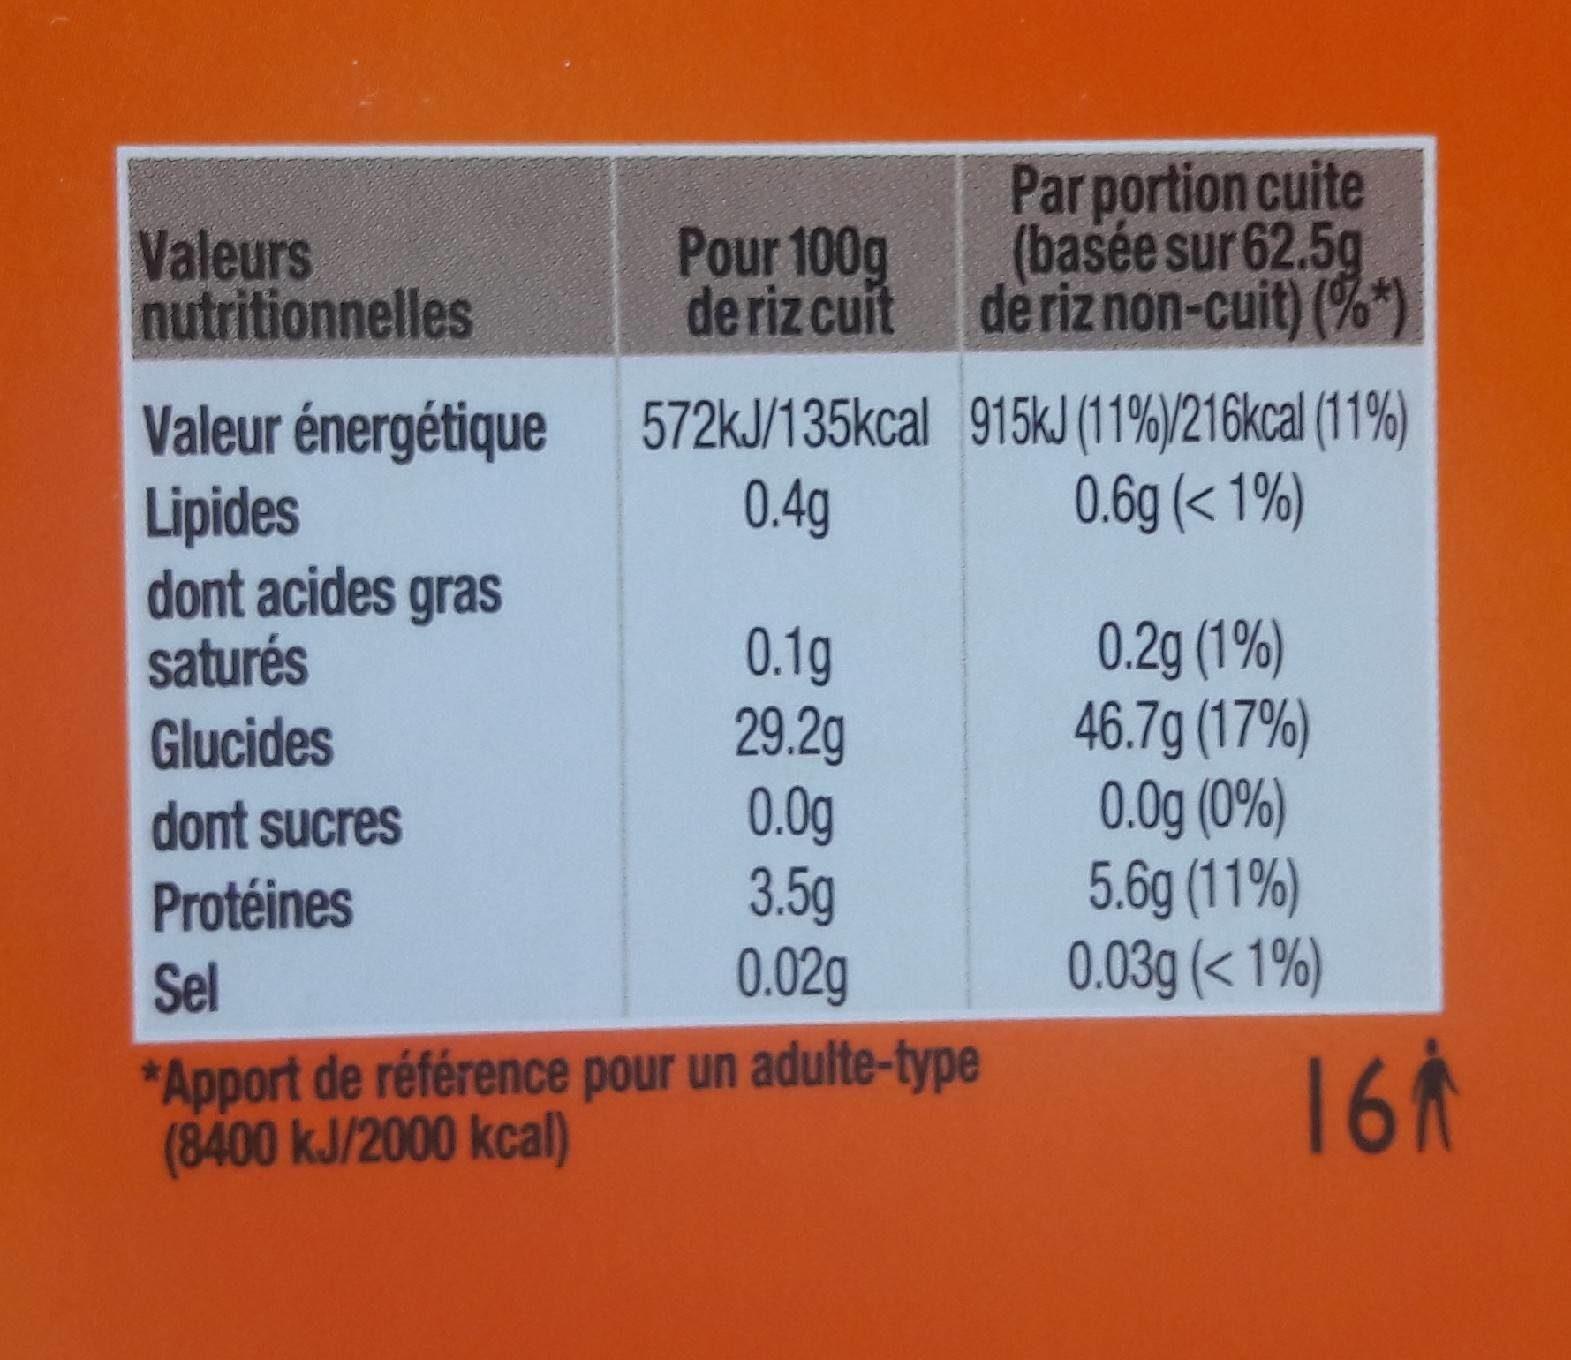 riz basmati uncle ben 39 s calories valeurs nutritionnelles et avis de consommation. Black Bedroom Furniture Sets. Home Design Ideas